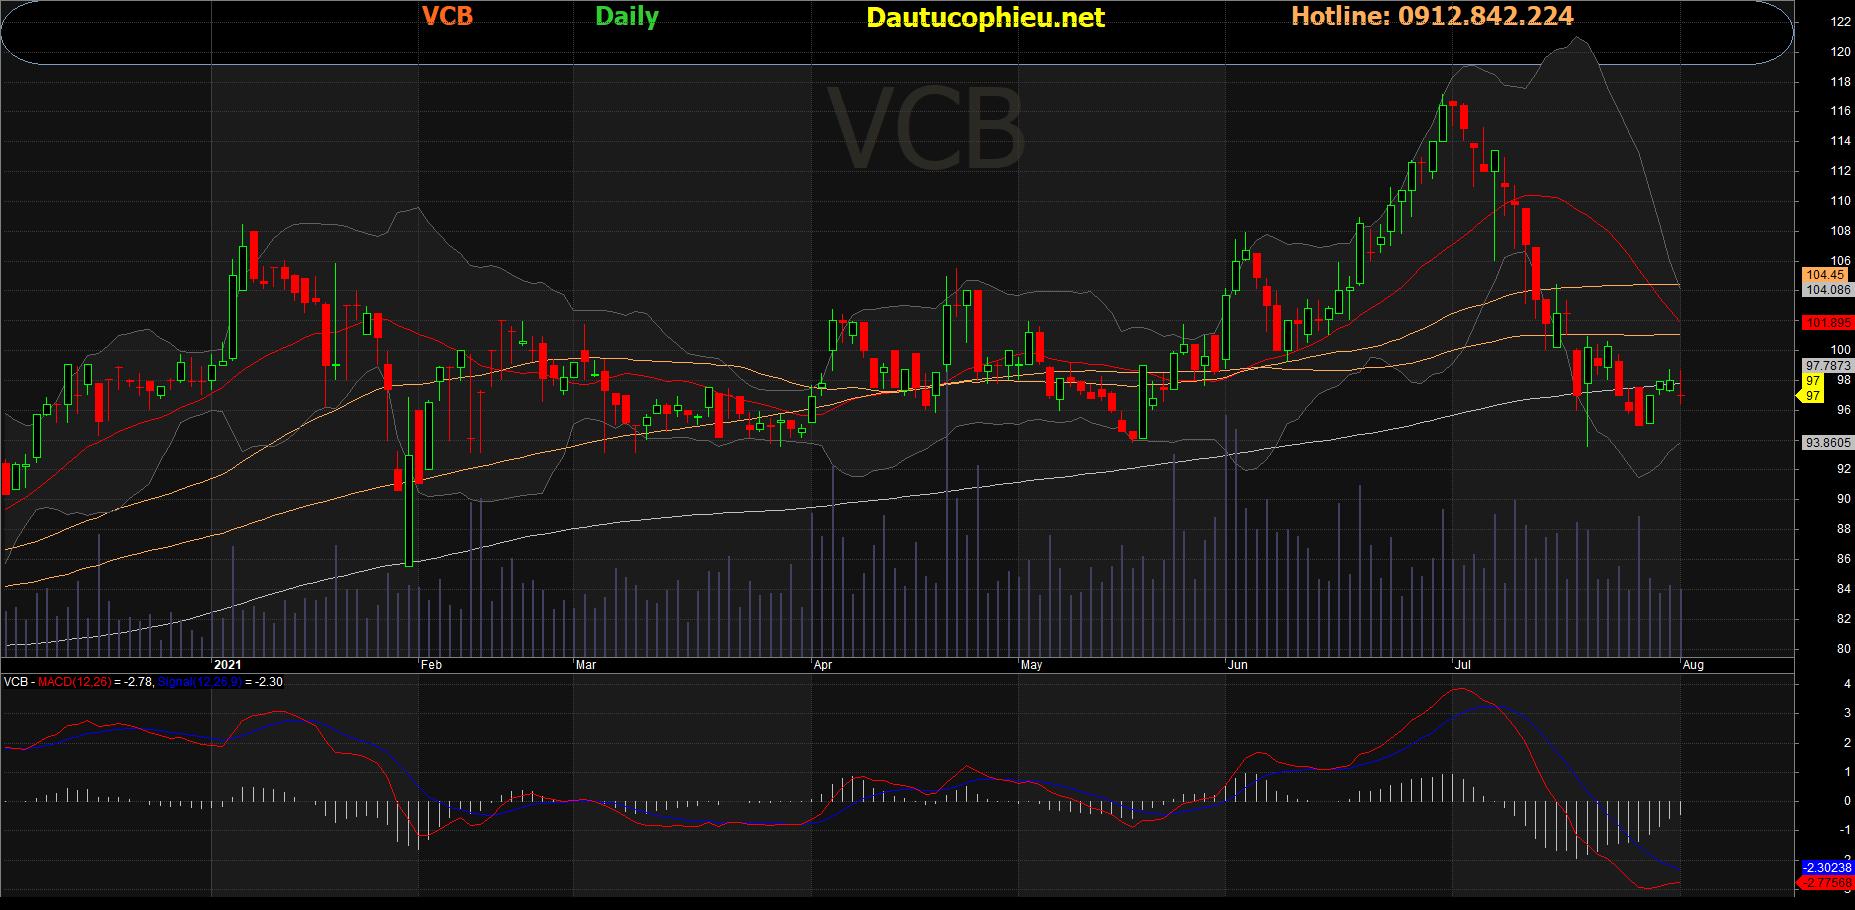 Đồ thị cổ phiếu VCB phiên giao dịch ngày 02/08/2021. Nguồn: AmiBroker